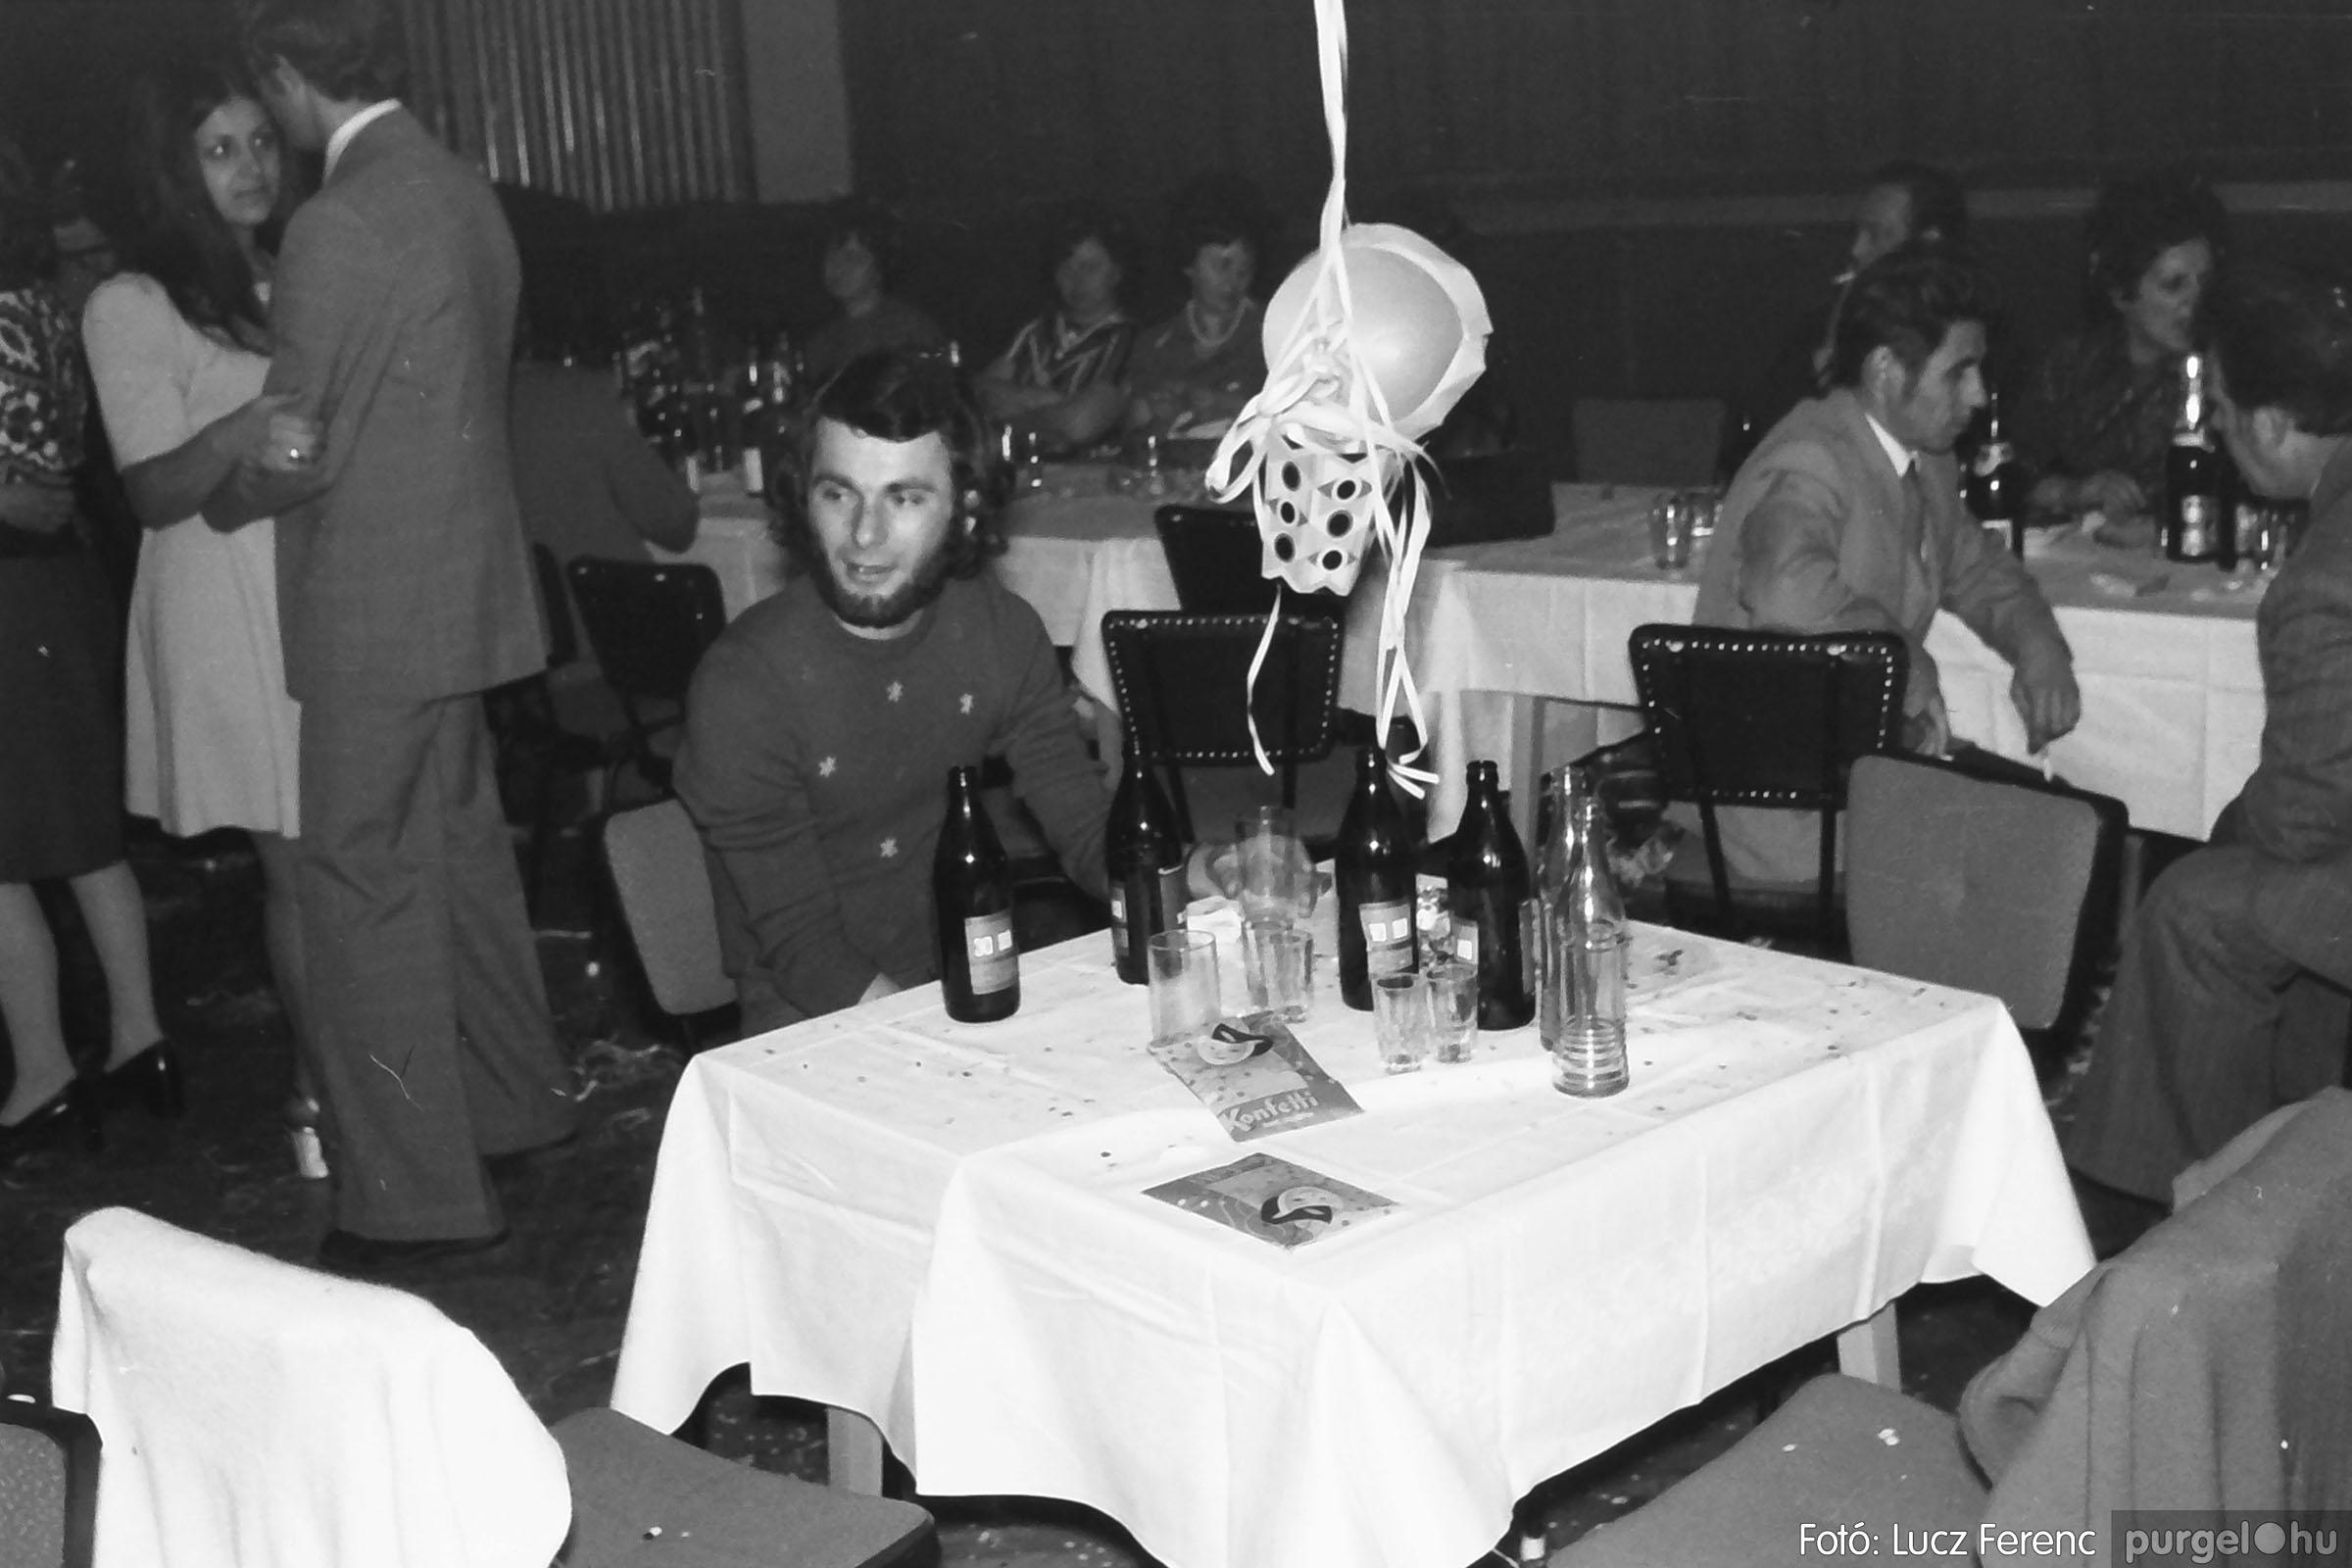 030. 1975.12.31. Szilveszter a kultúrházban 020 - Fotó: Lucz Ferenc.jpg